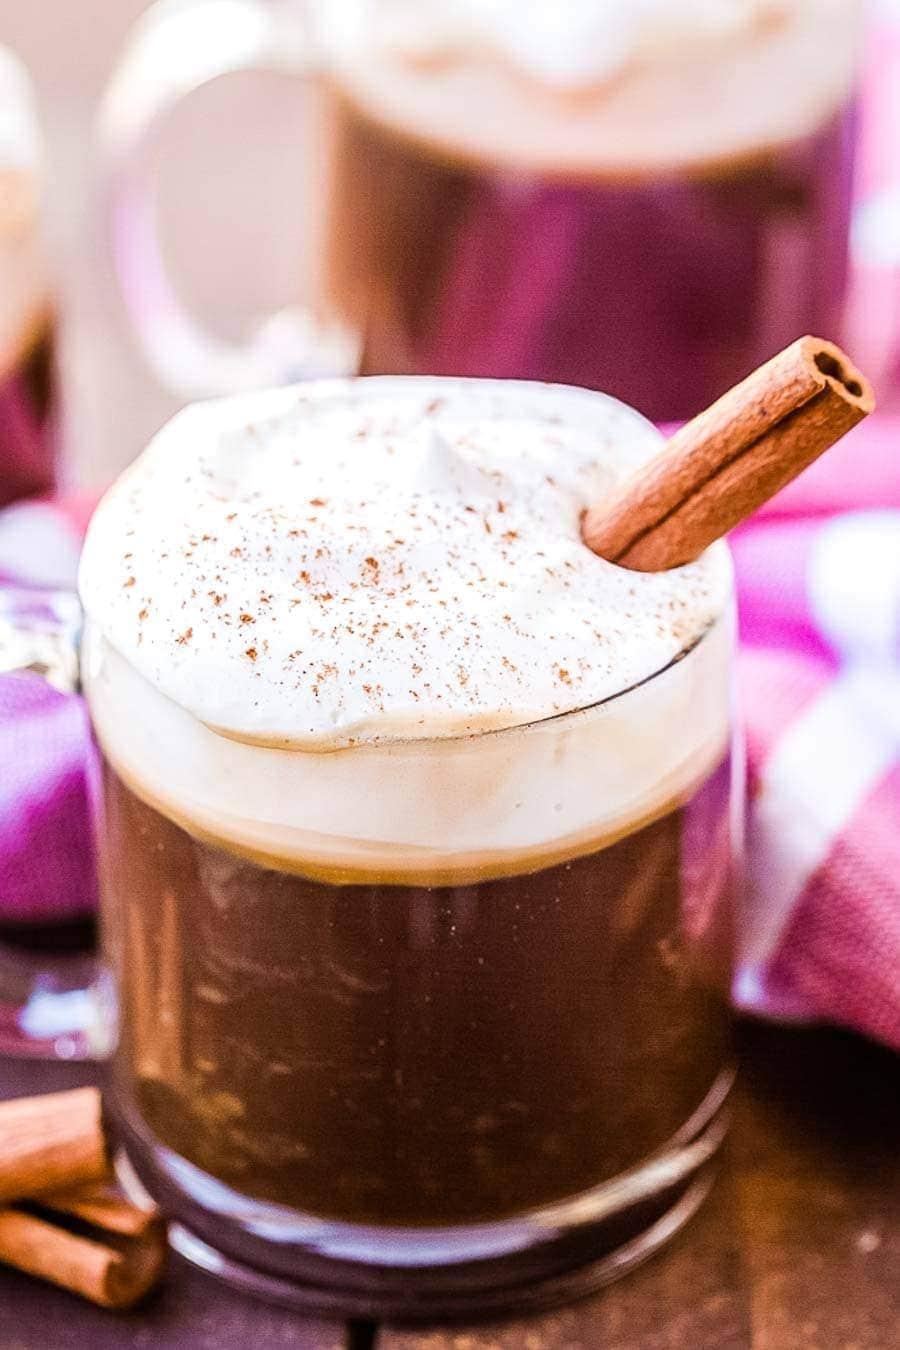 Irirsh Coffee Recipe in glass mug